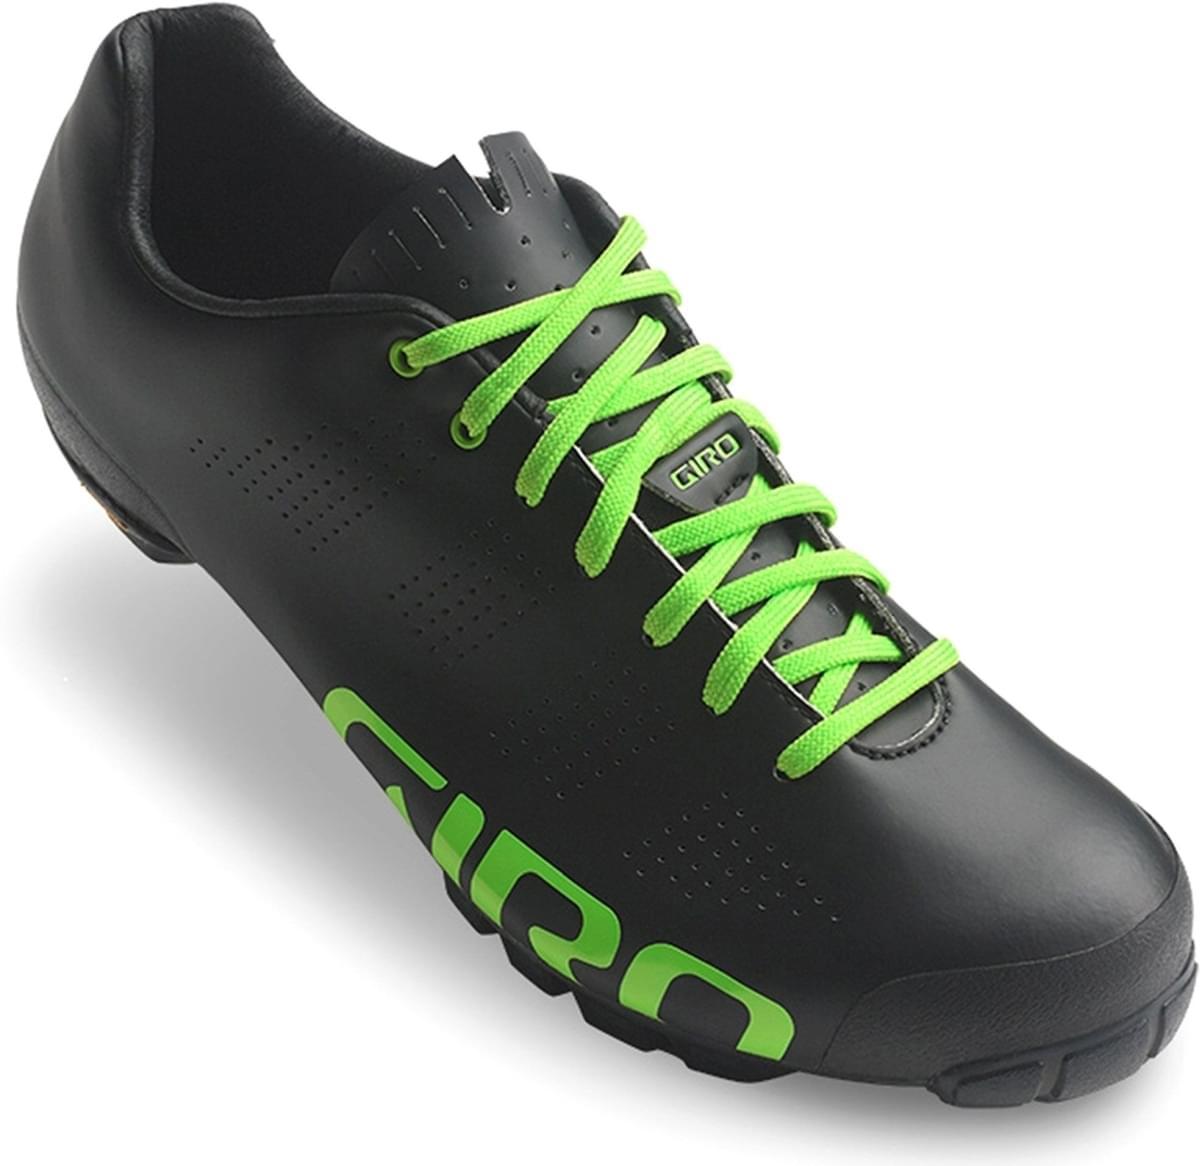 Giro Empire VR90 - black/lime 46